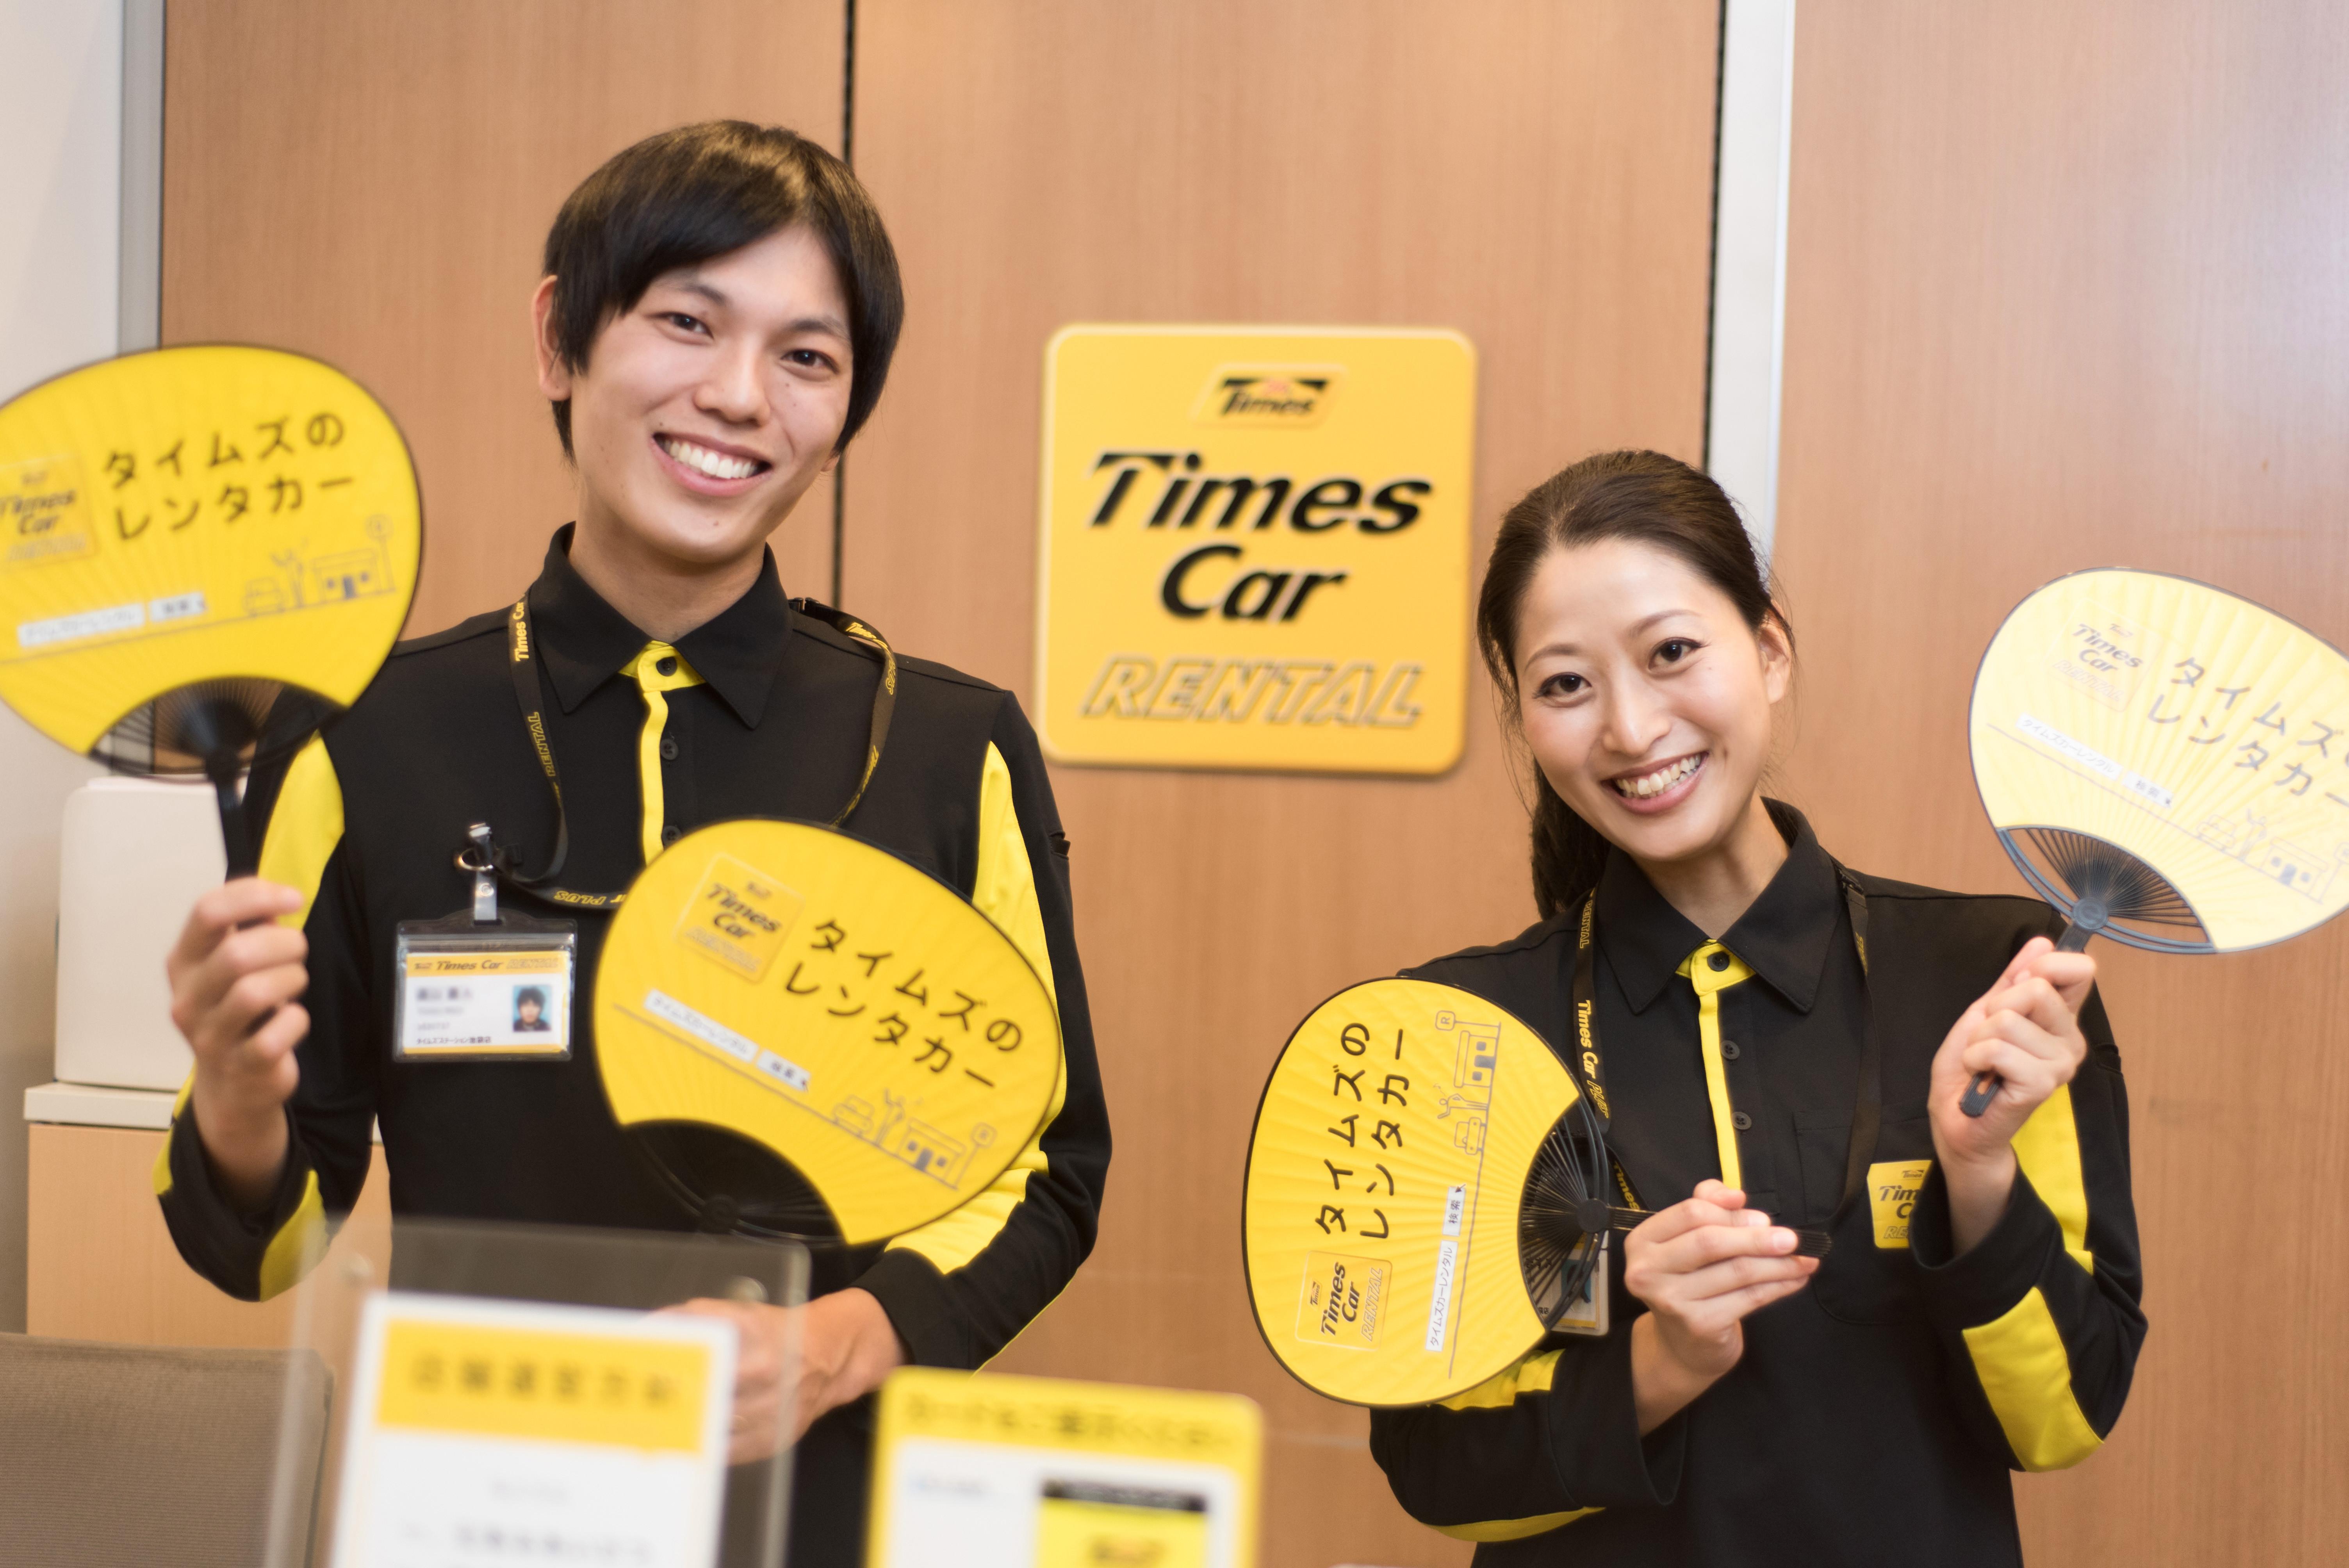 タイムズカーレンタル 広島大手町店 のアルバイト情報